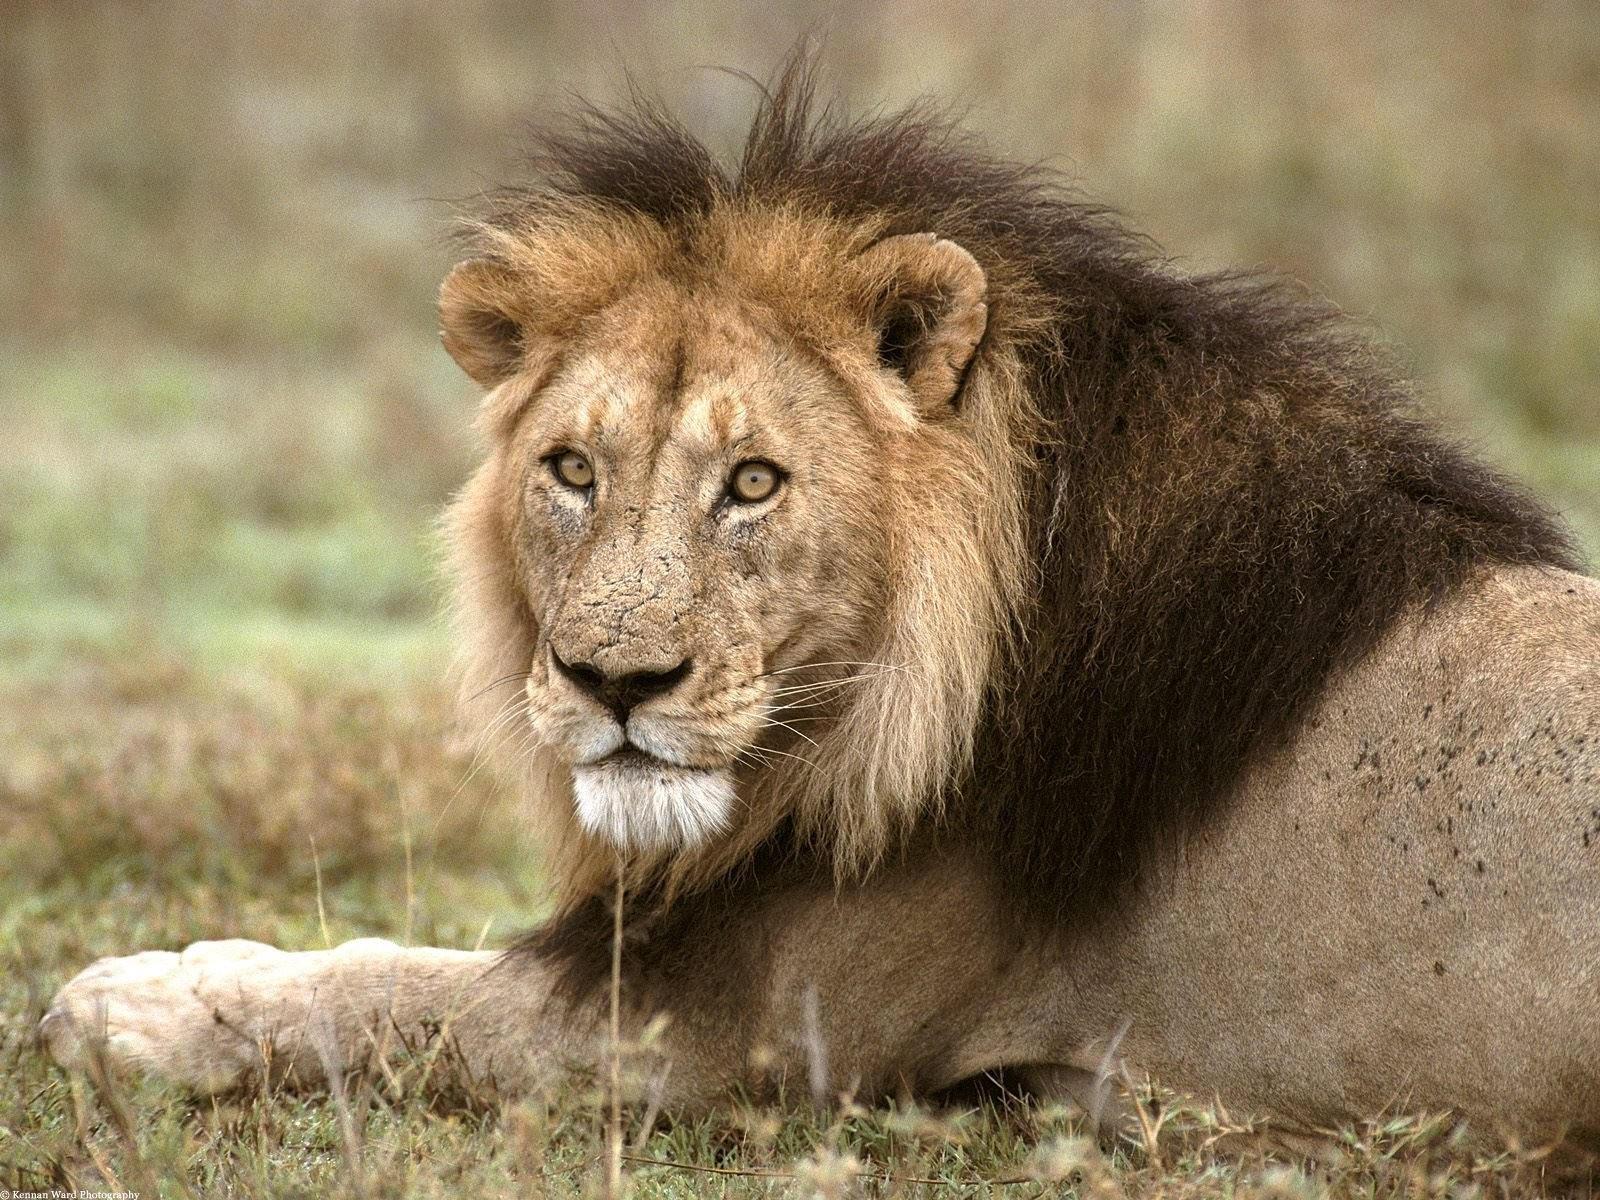 Внимательный взгляд льва